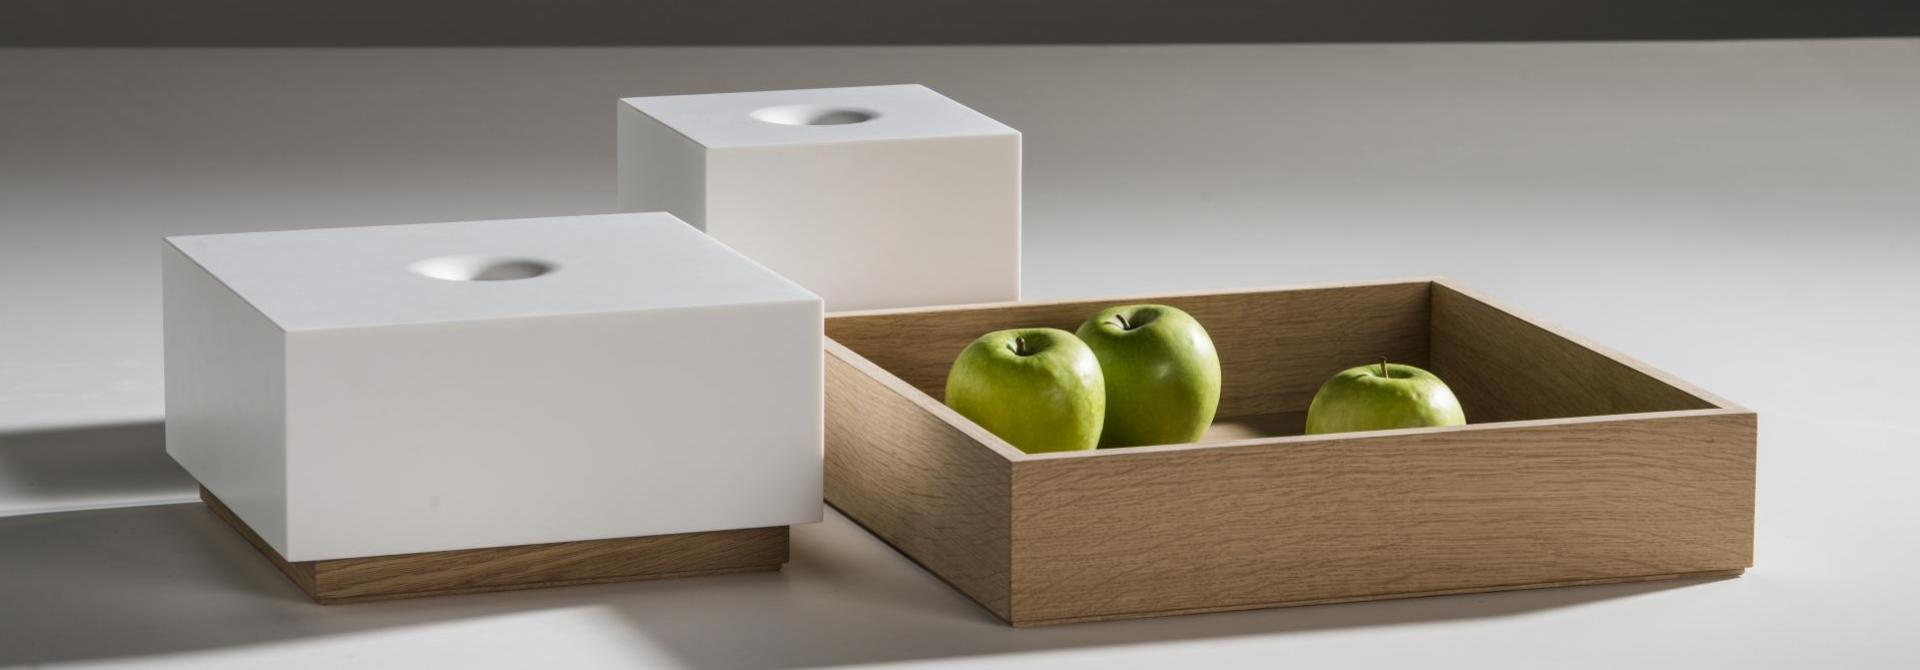 Box Black hole white en wood storage box front view